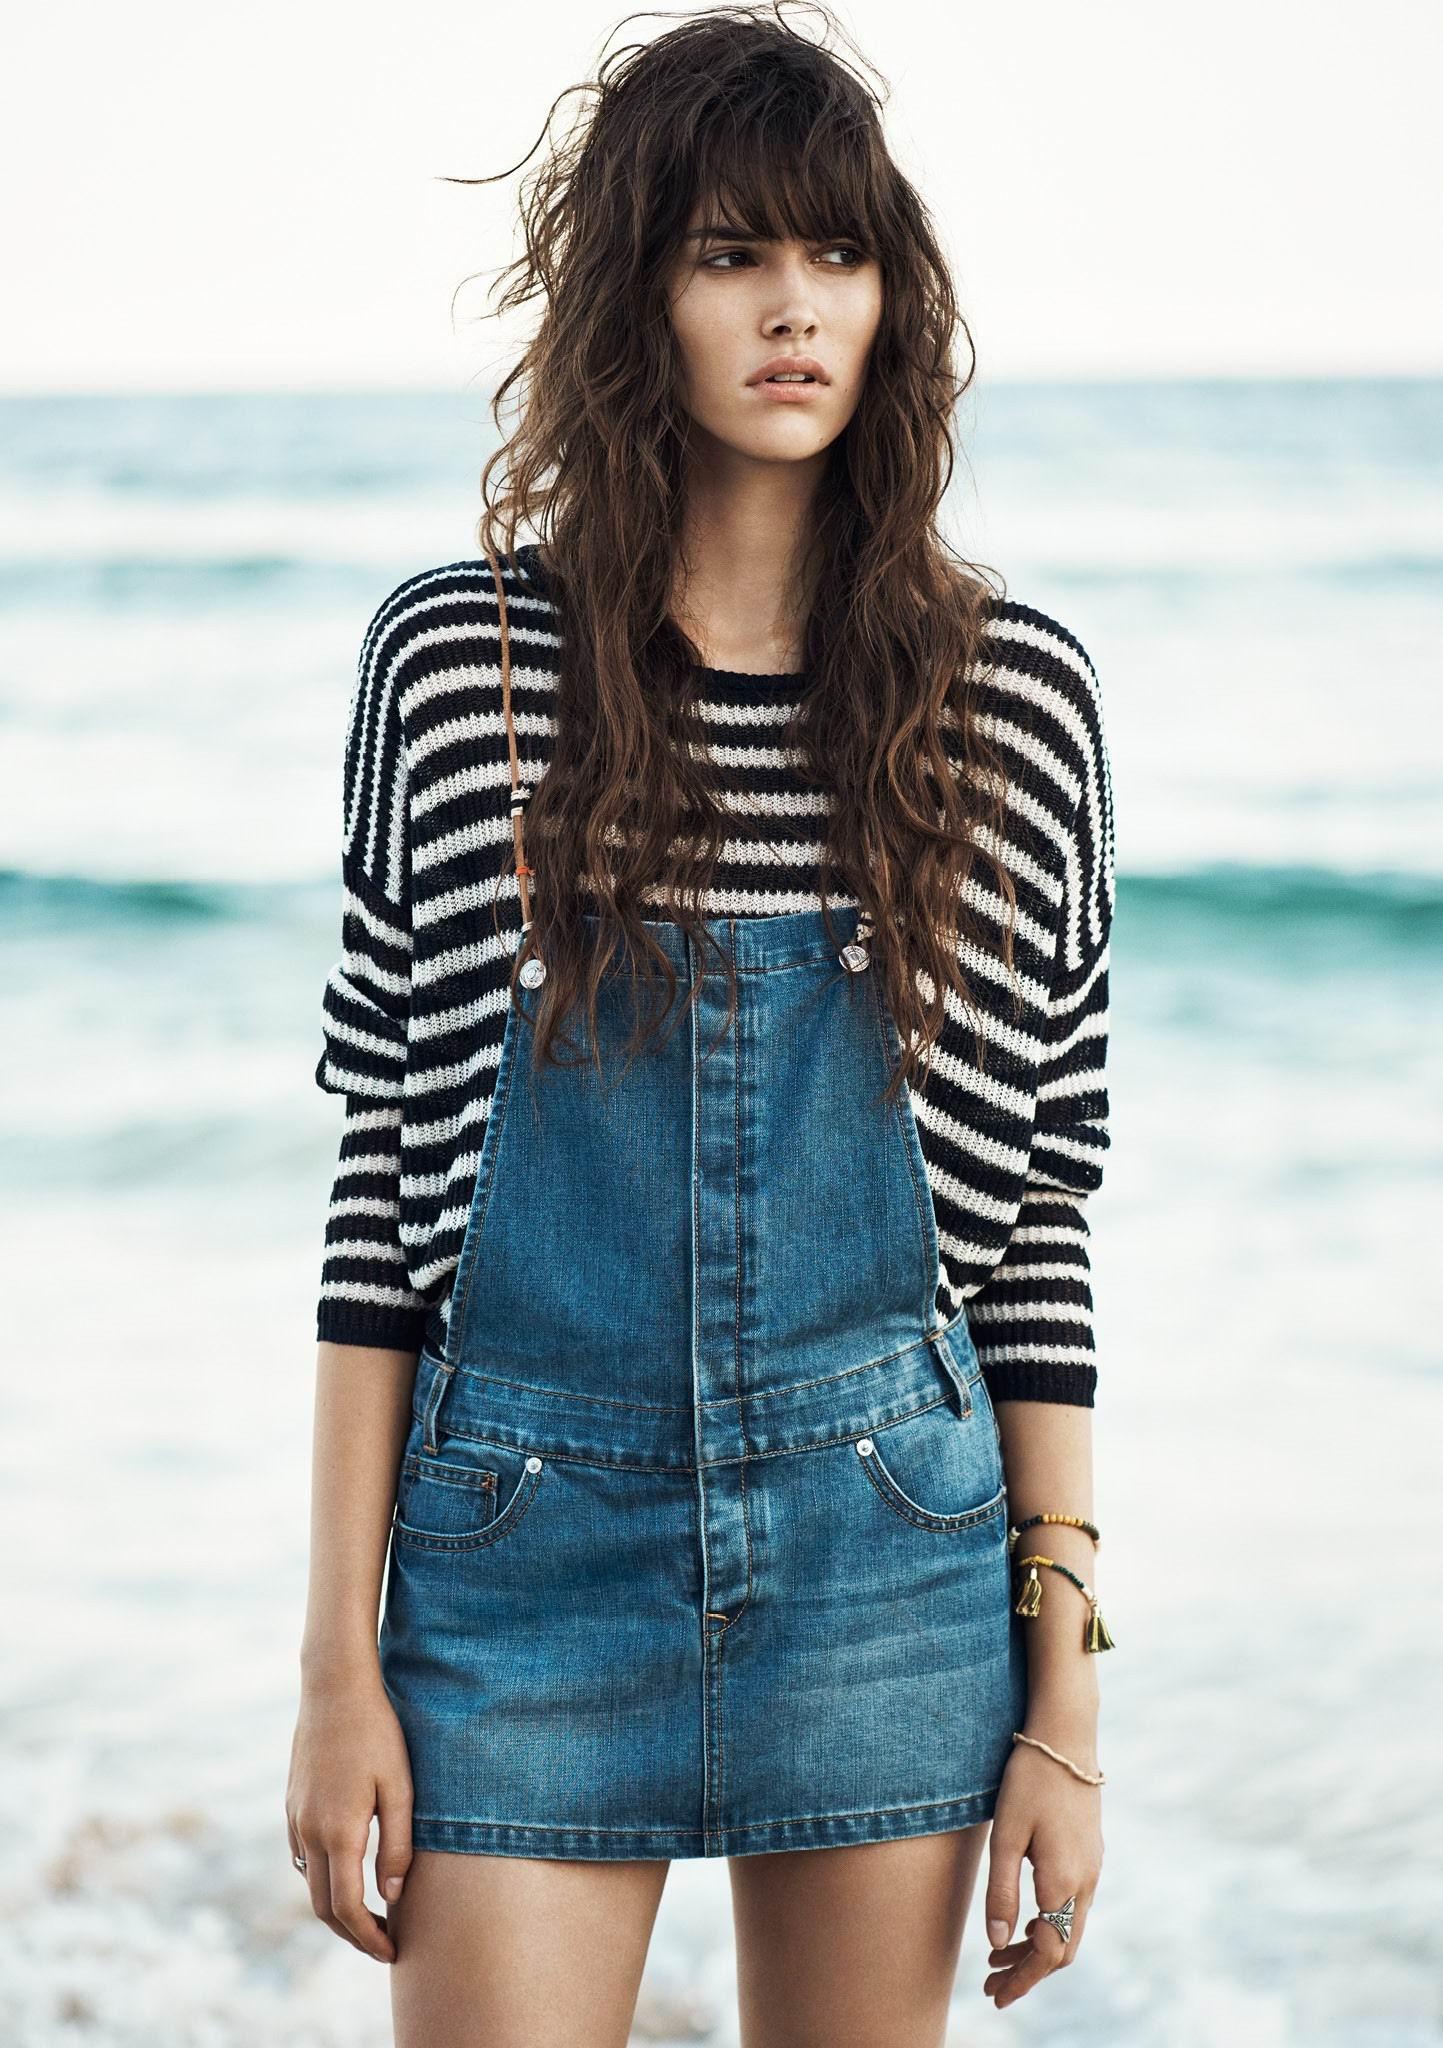 SURF_GIRL 2